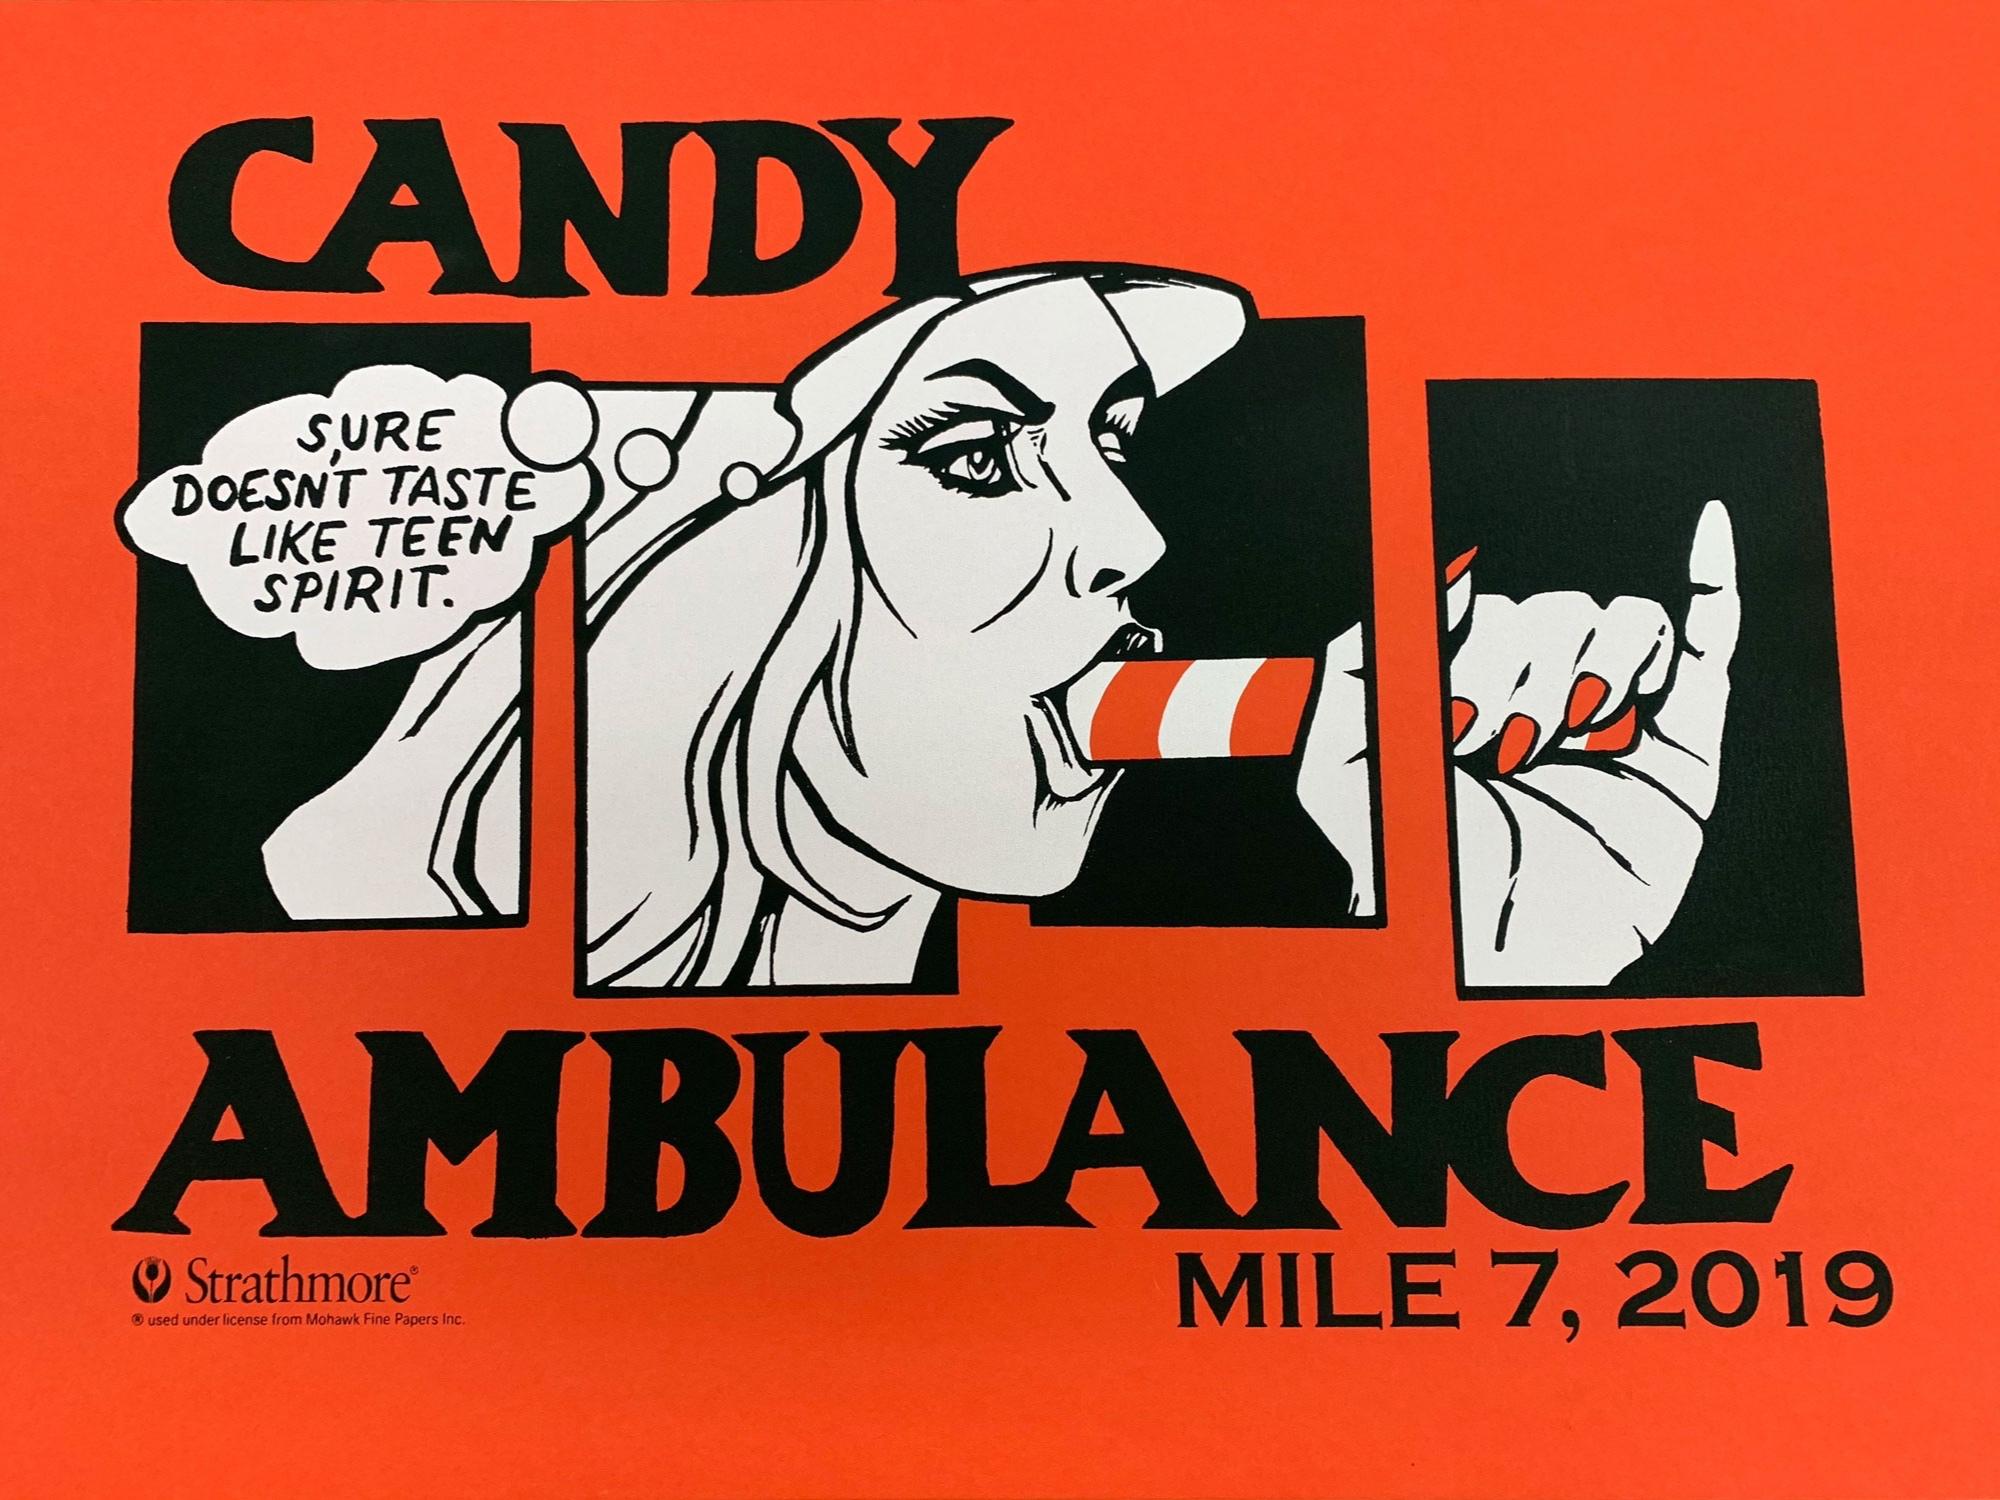 Candy Ambulance